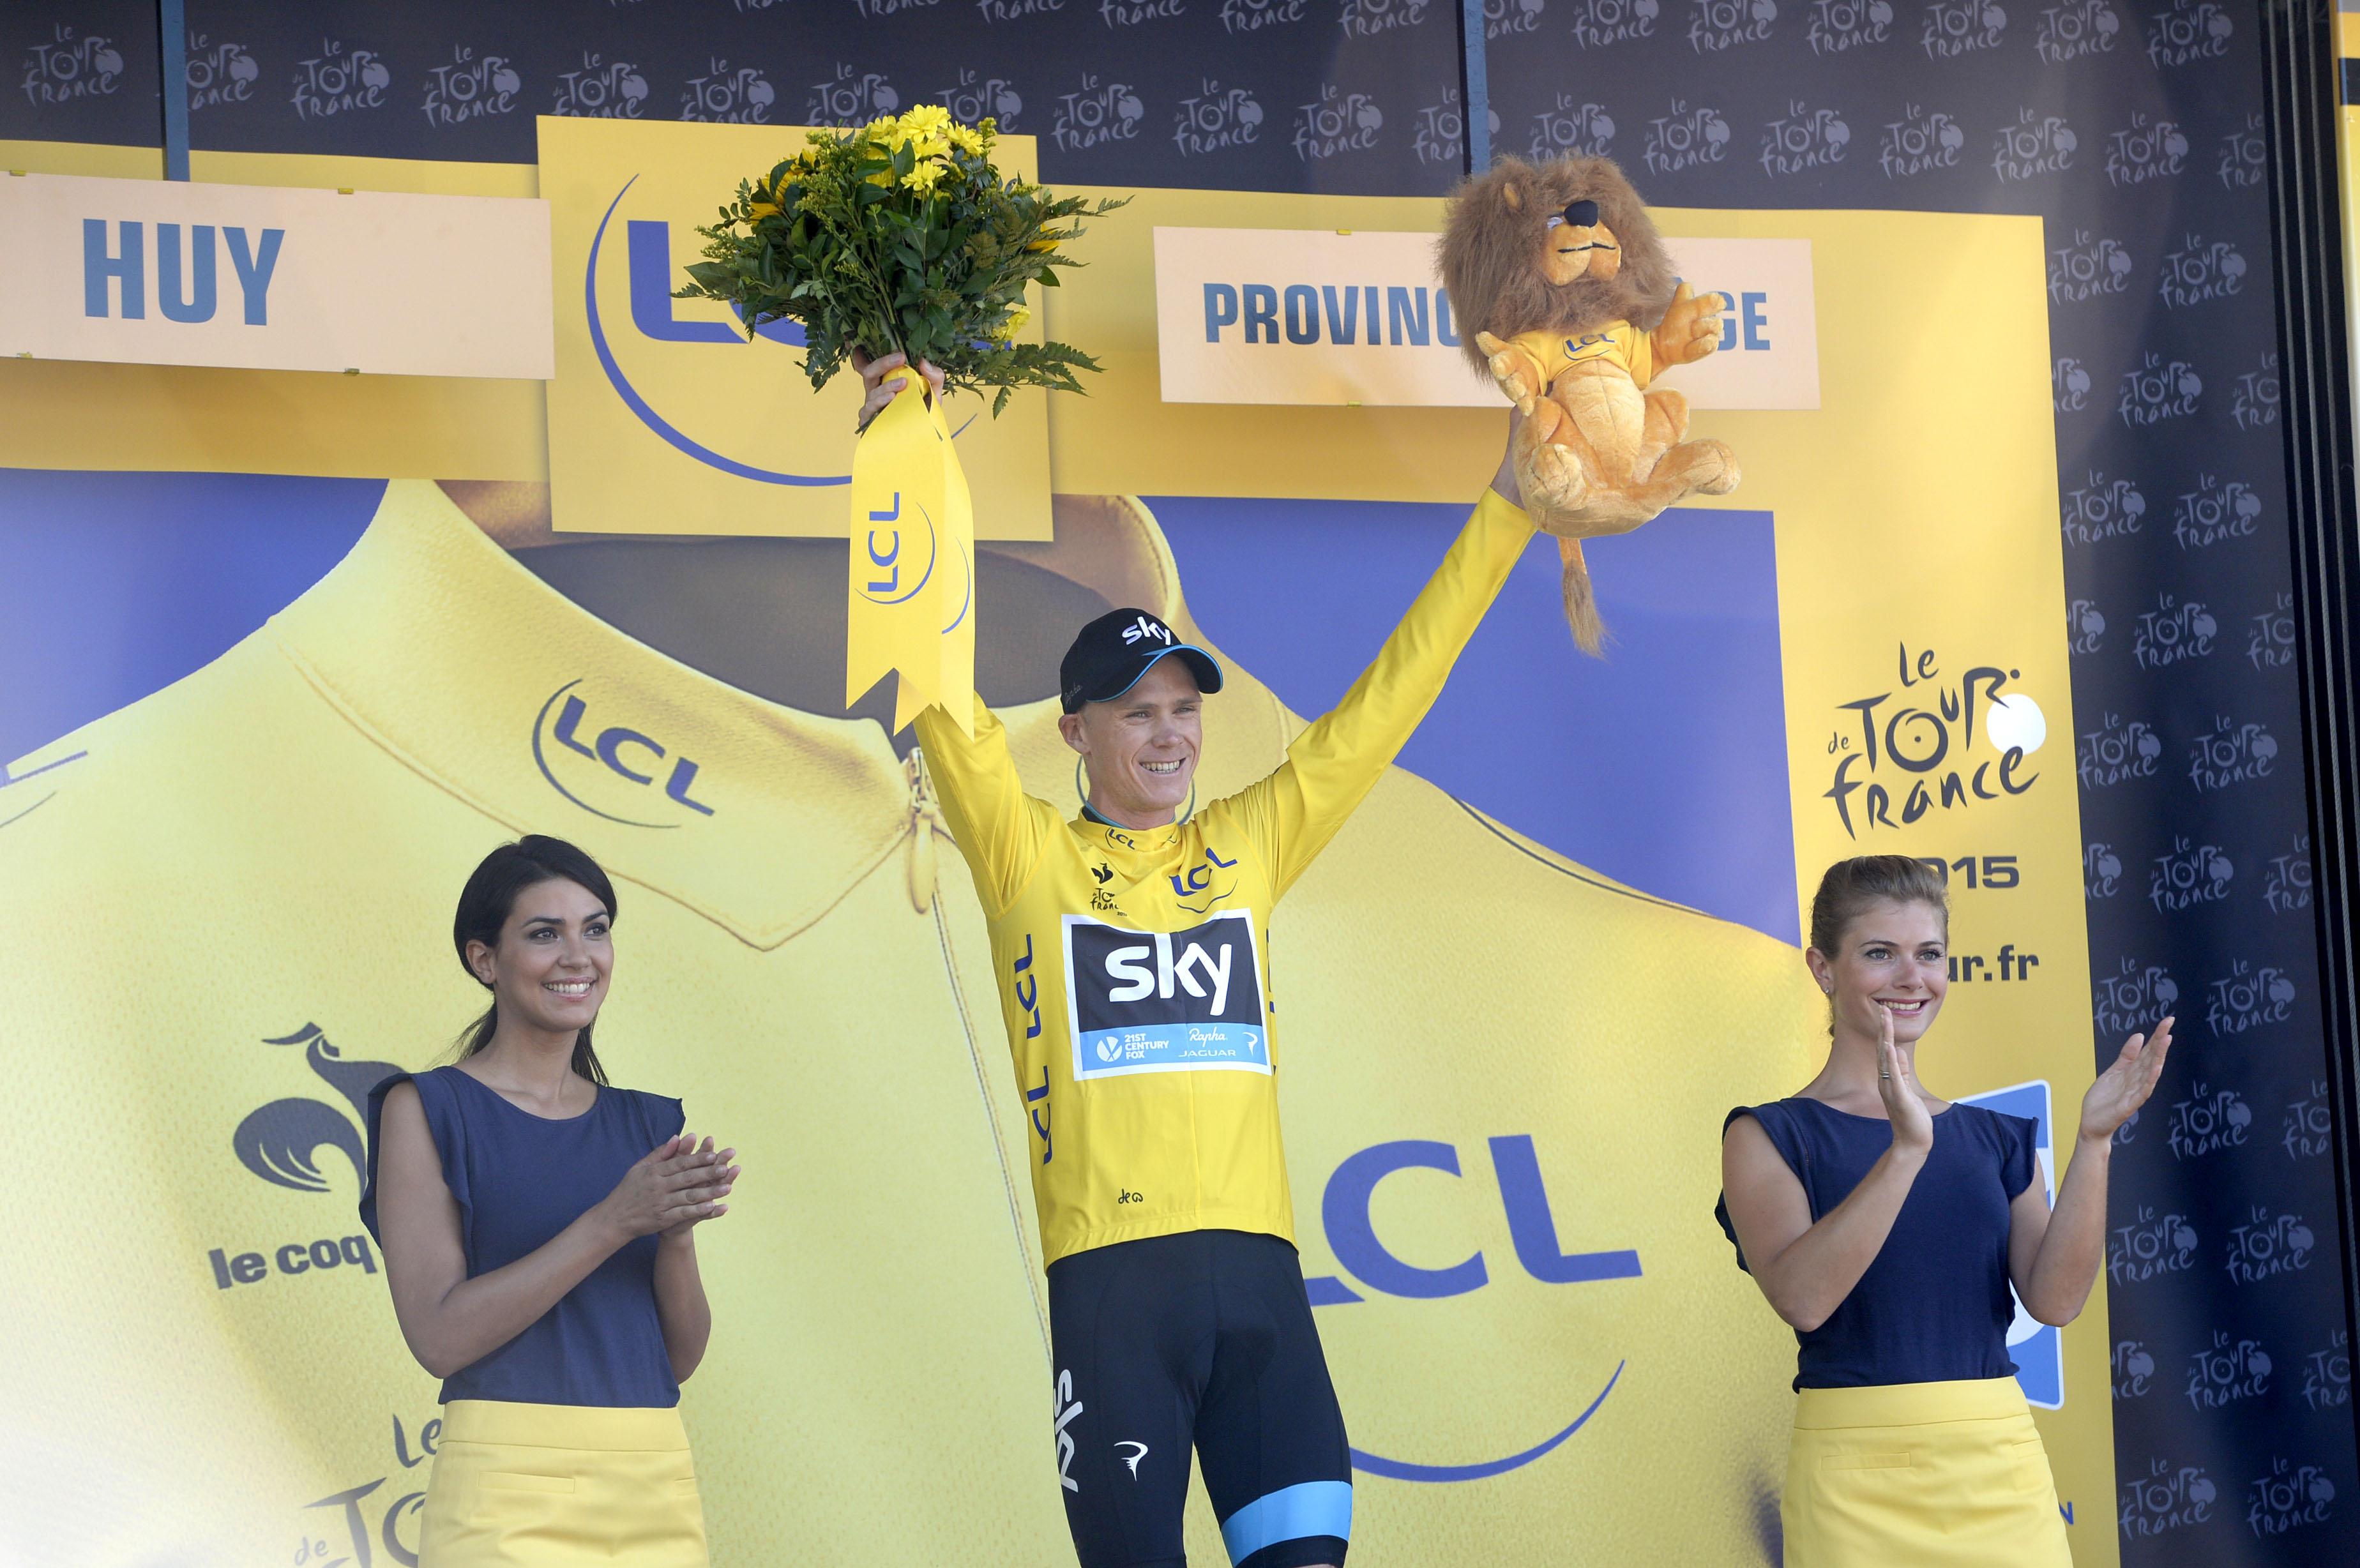 Chris Froome konnte sich nach der 3. Etappe der Tour de France das Gelbe Trikot überstreifen. (pic: Sirotti)